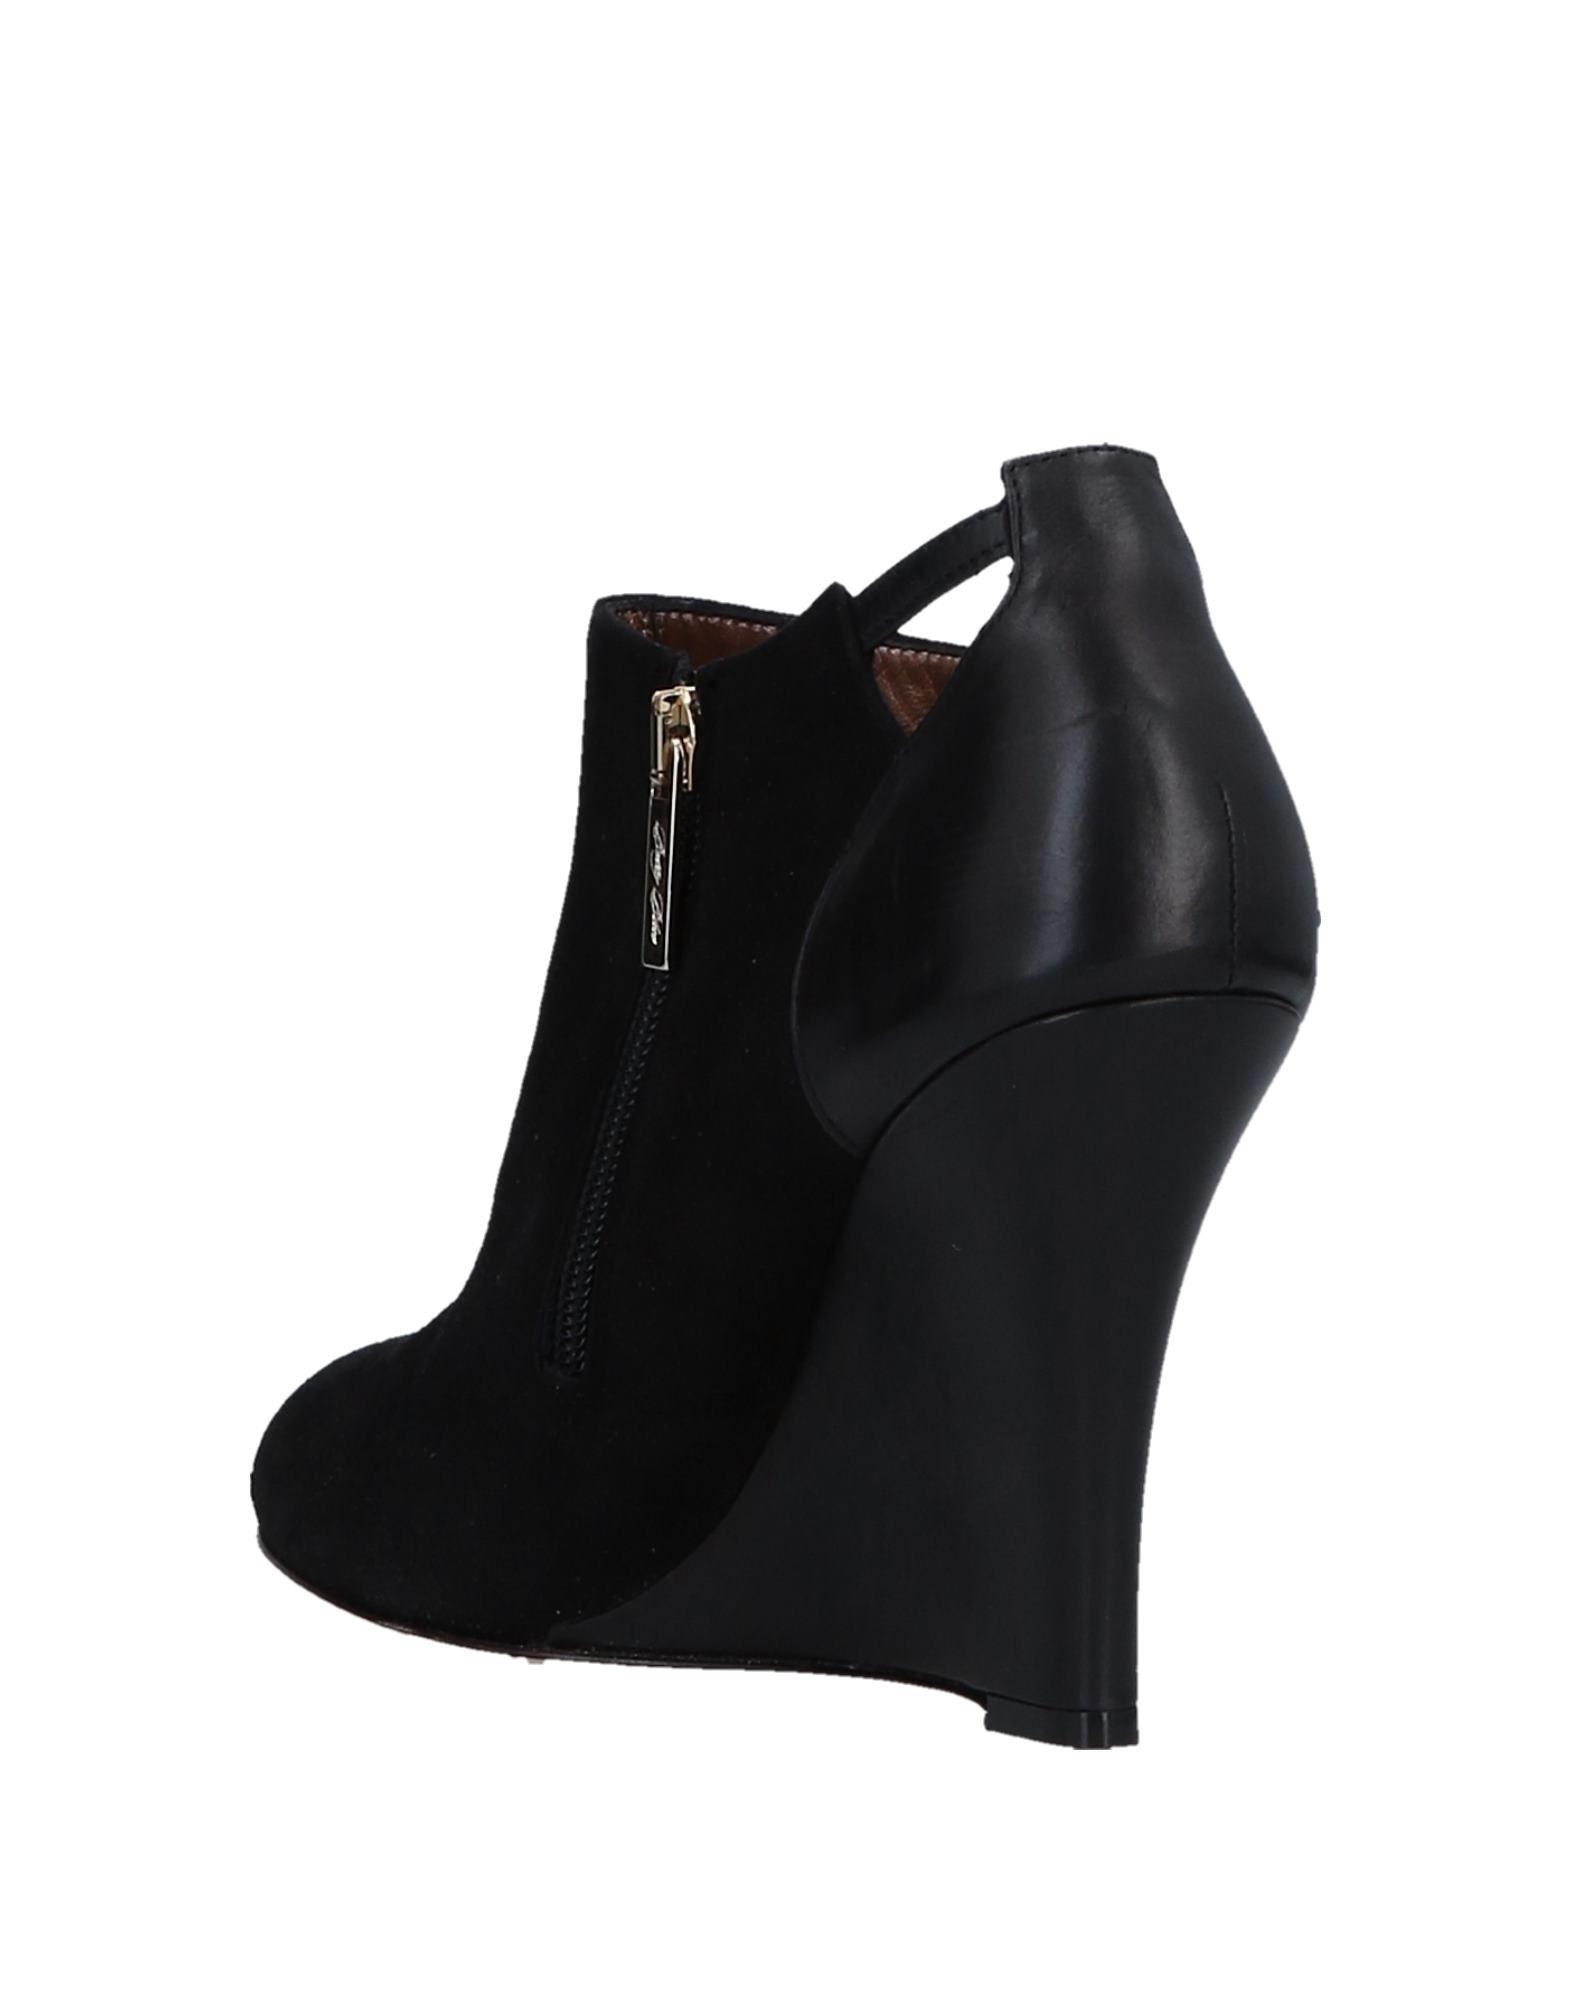 Stilvolle Stiefelette billige Schuhe Betty Blau Stiefelette Stilvolle Damen  11541316GO 9f3e2e